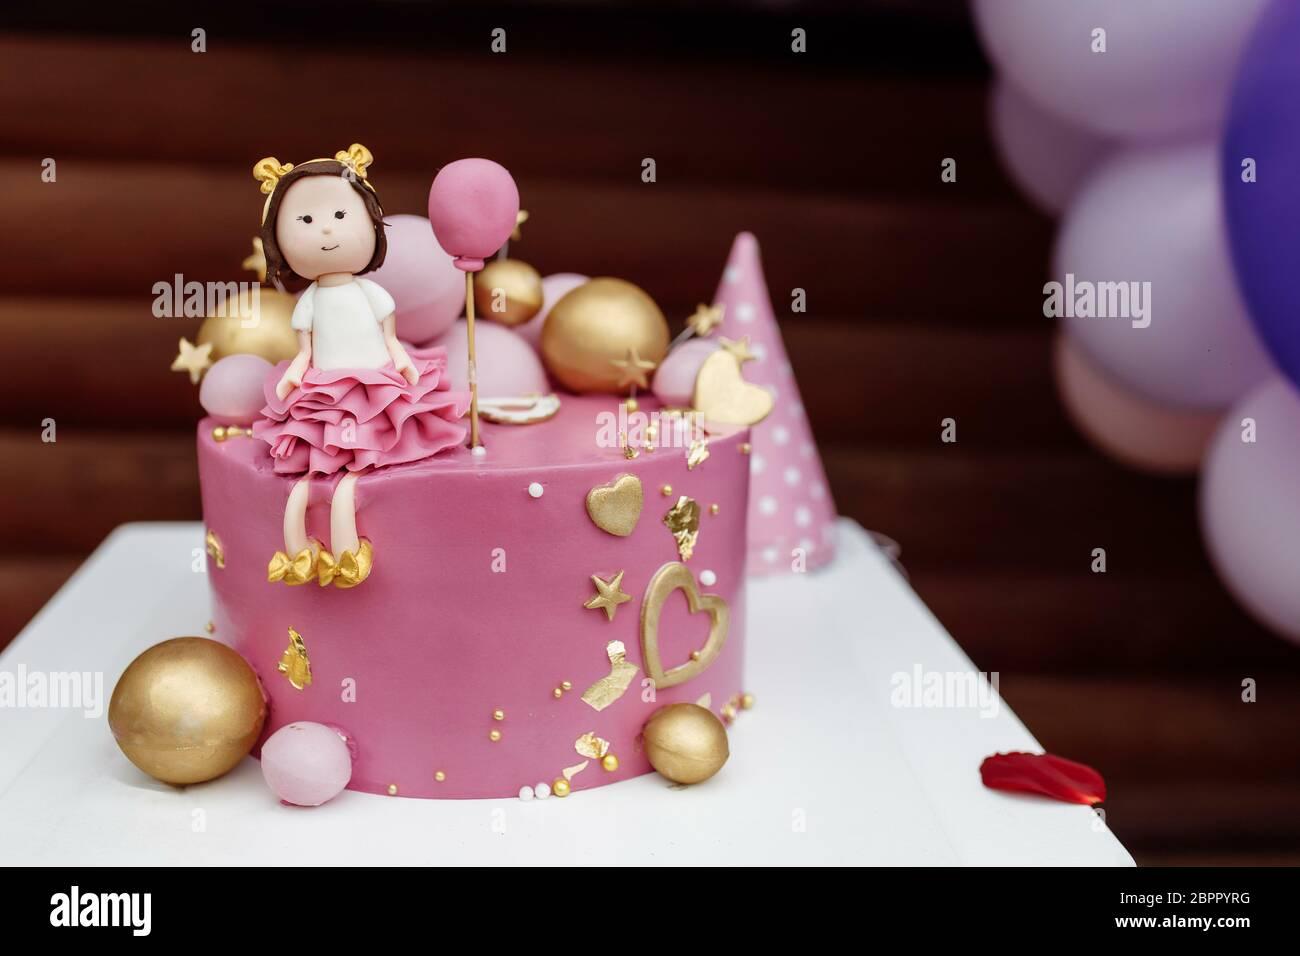 1 Year Old Birthday Cake Stockfotos Und Bilder Kaufen Alamy